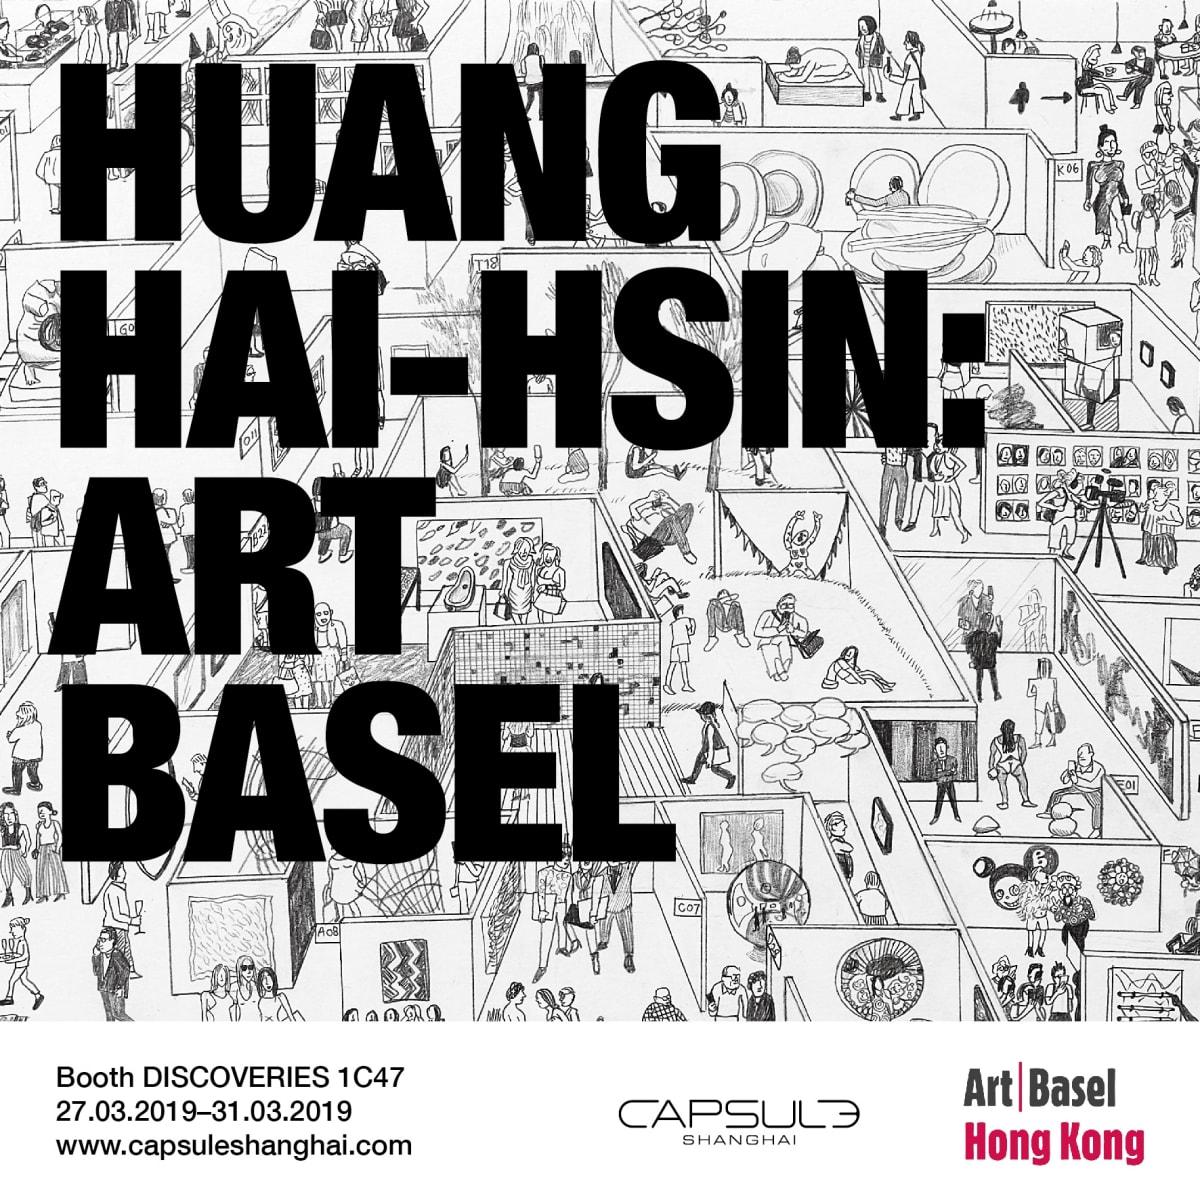 巴塞尔艺术展香港展会 2019